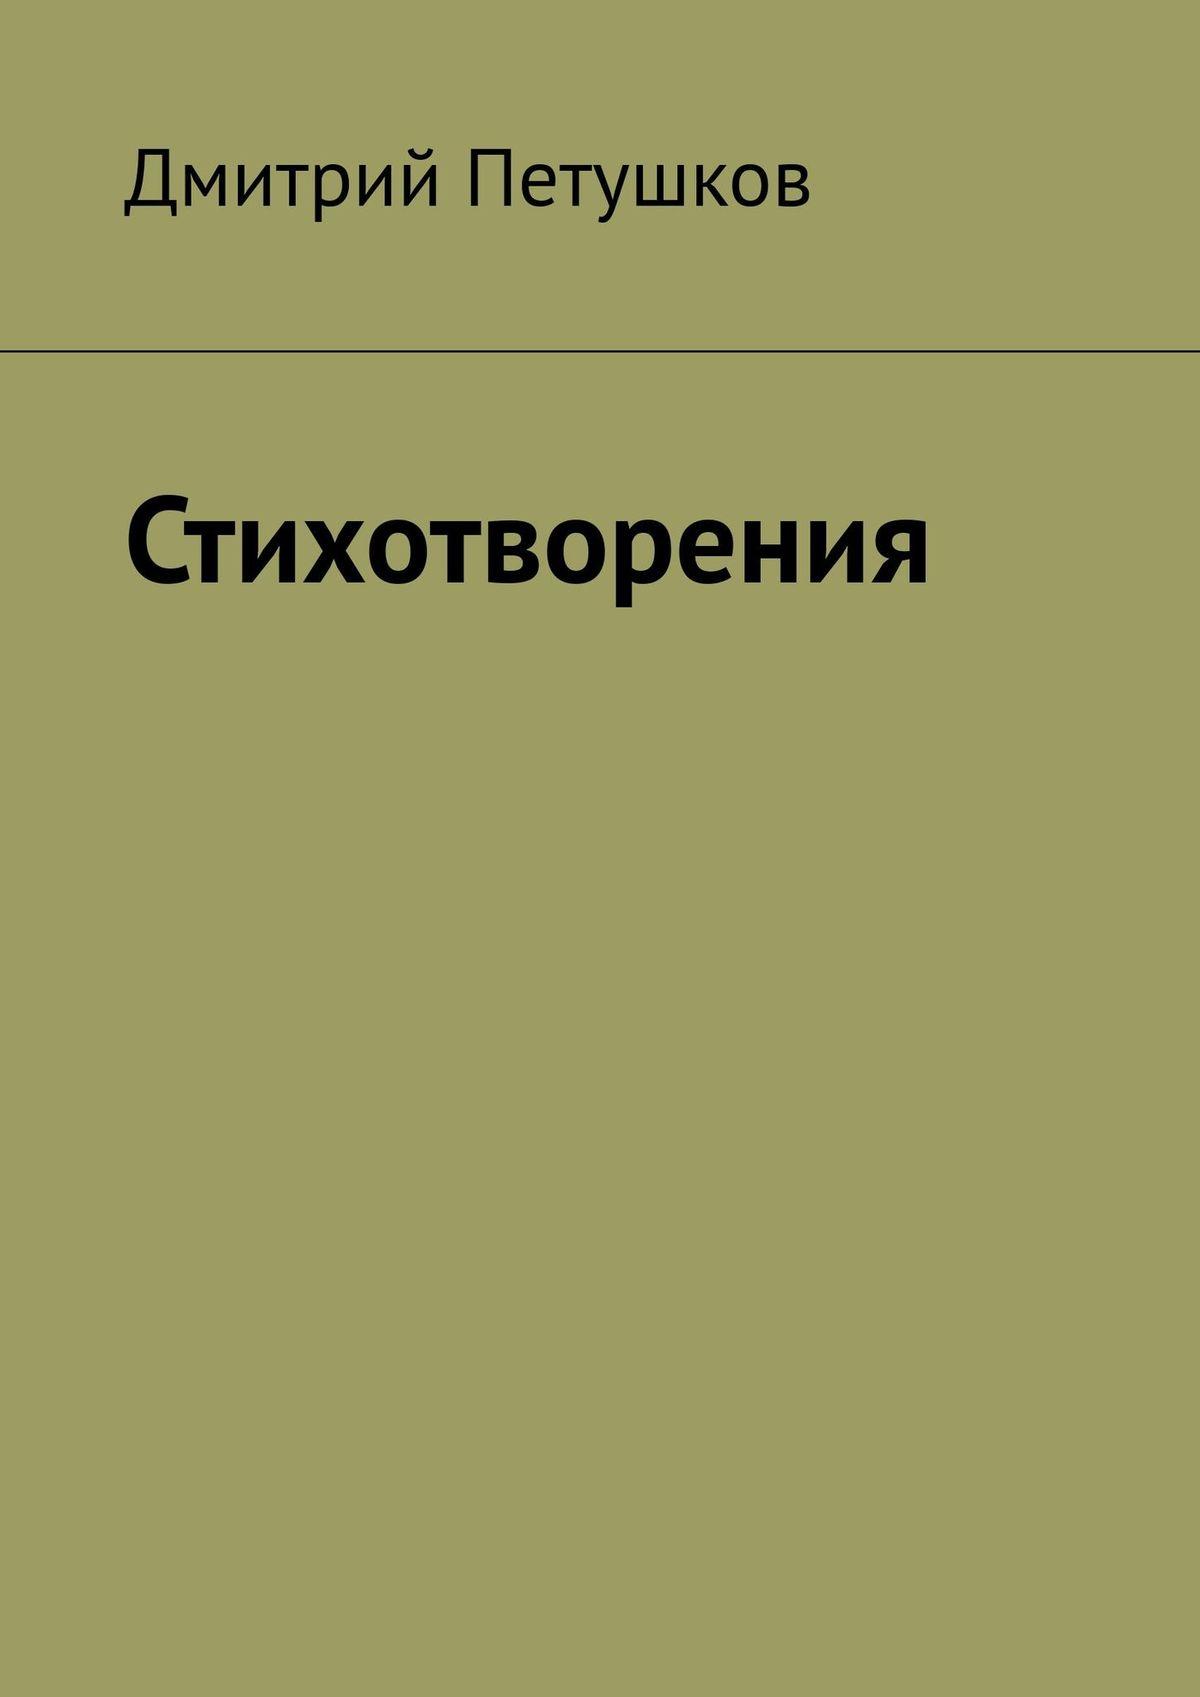 Дмитрий Петушков Стихотворения найт рени все совпадения случайны